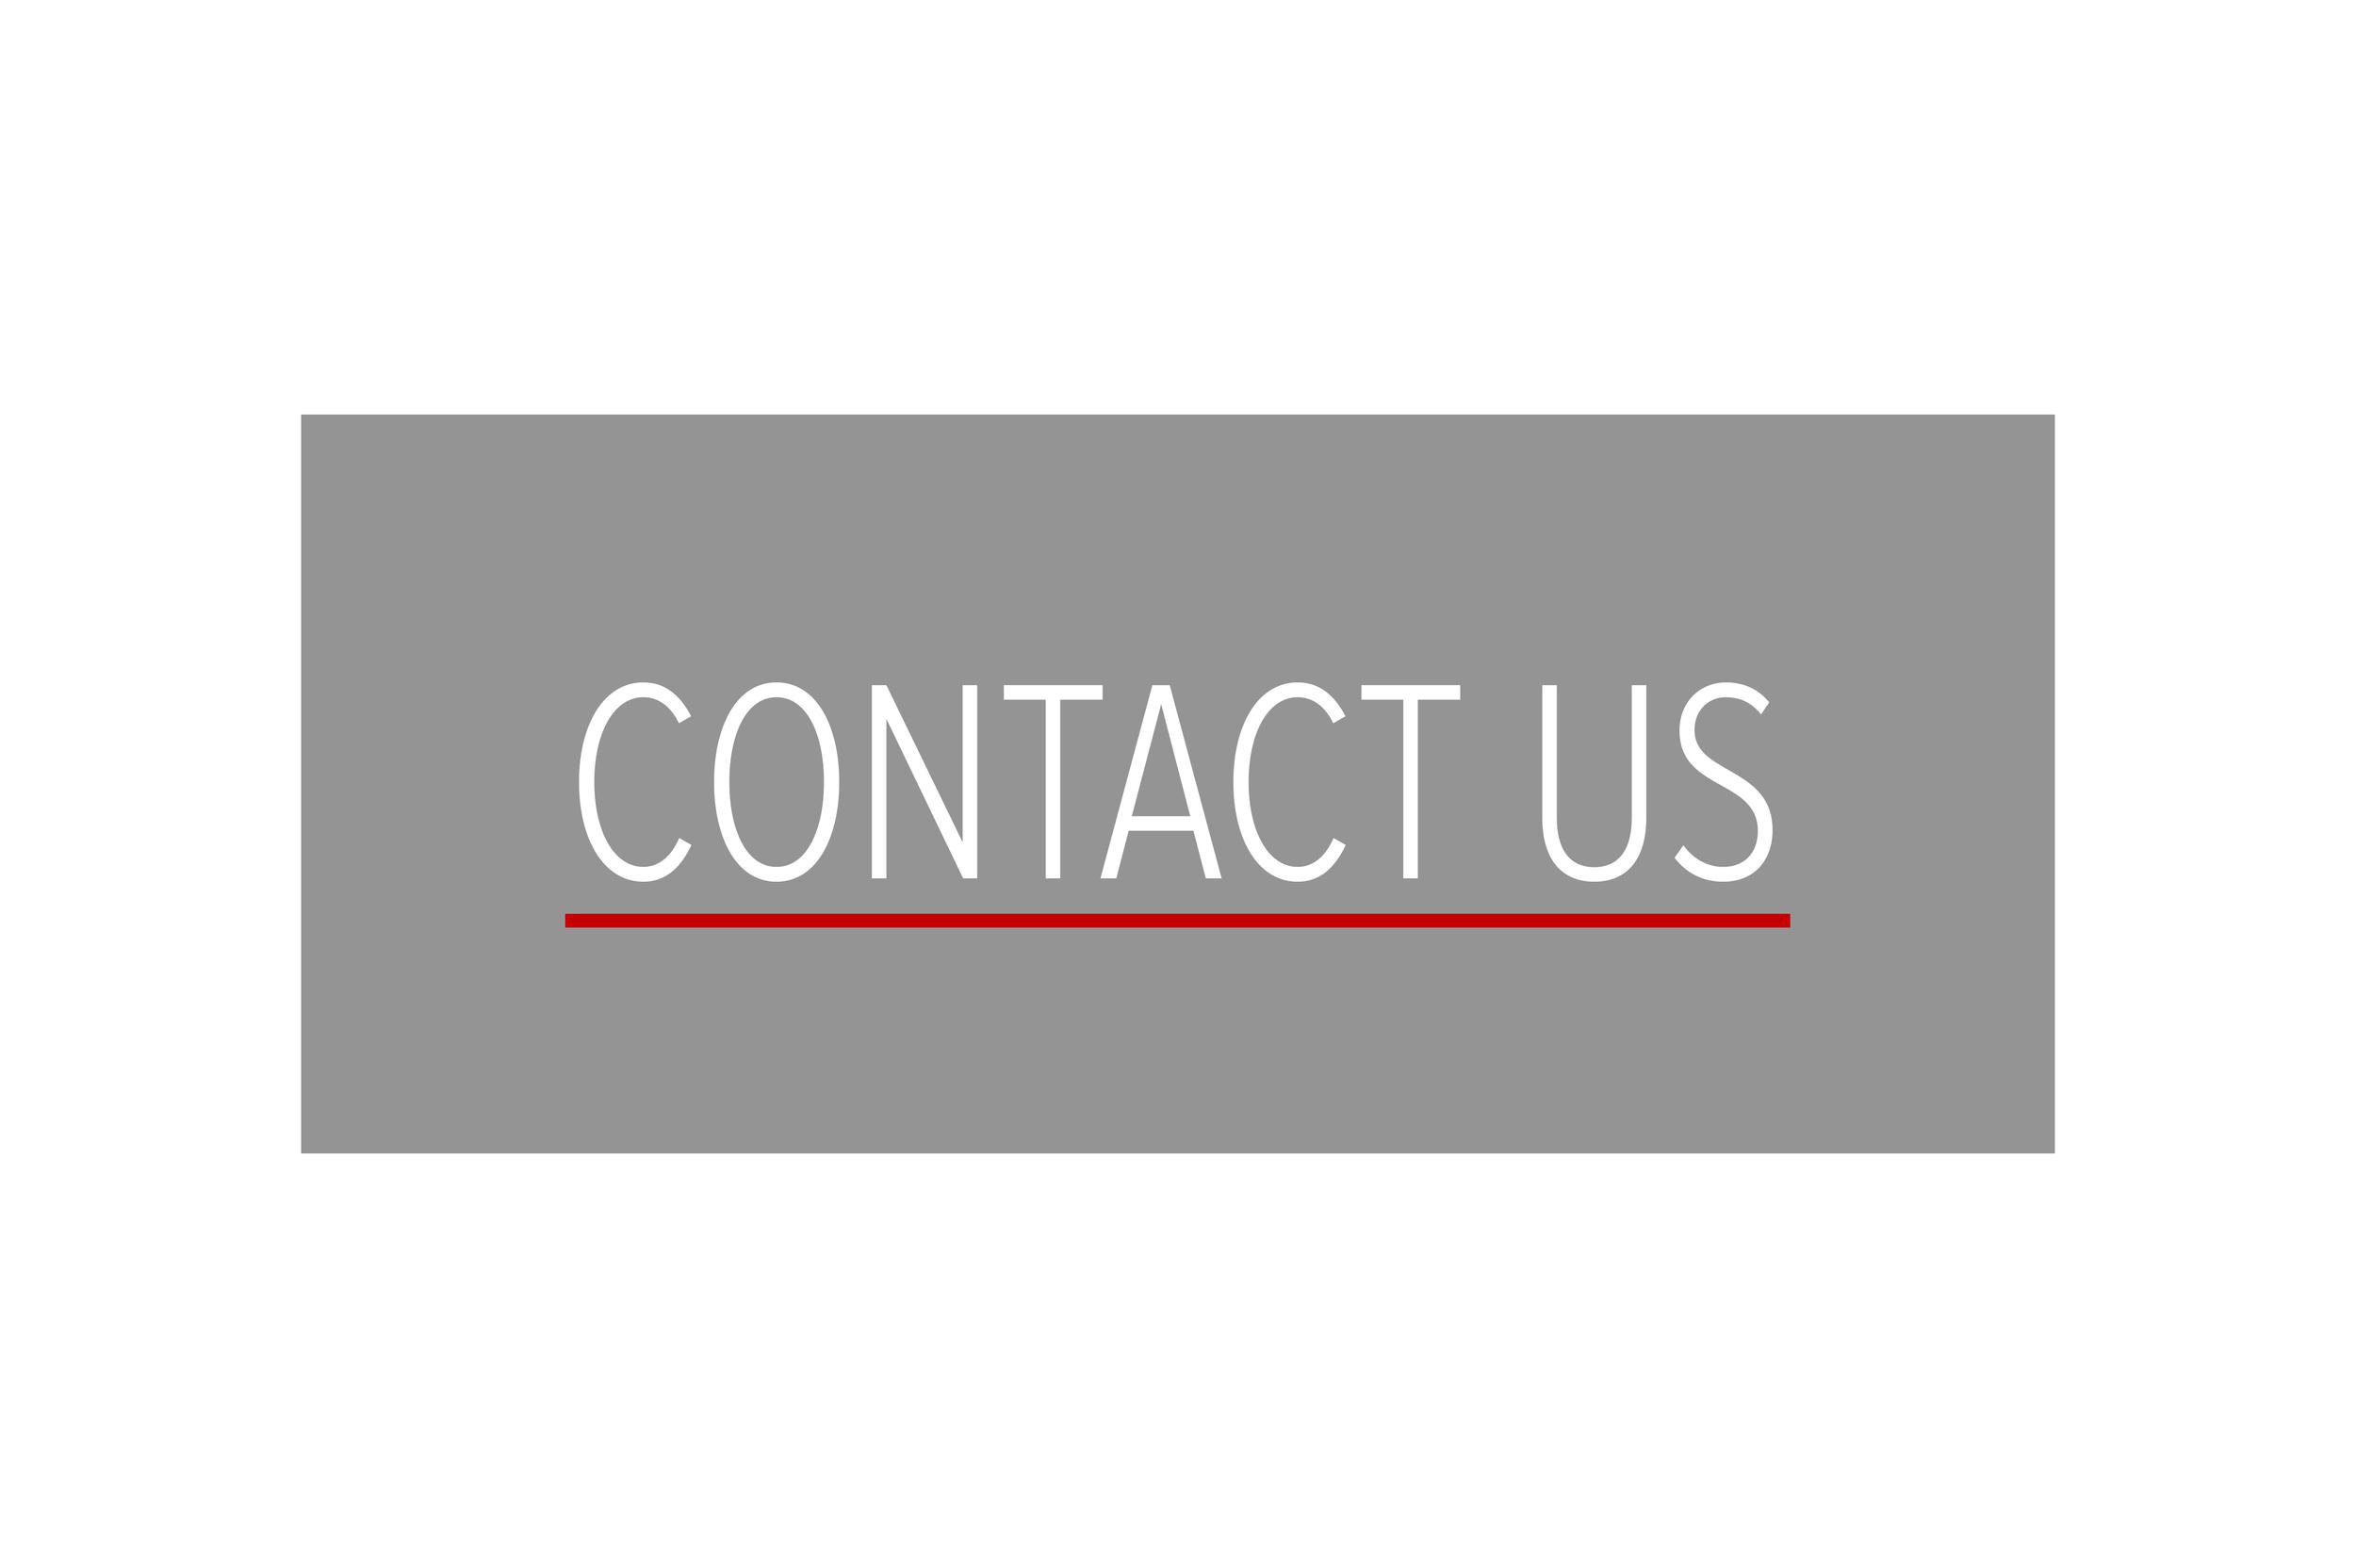 Contact Hartman Benzon Media